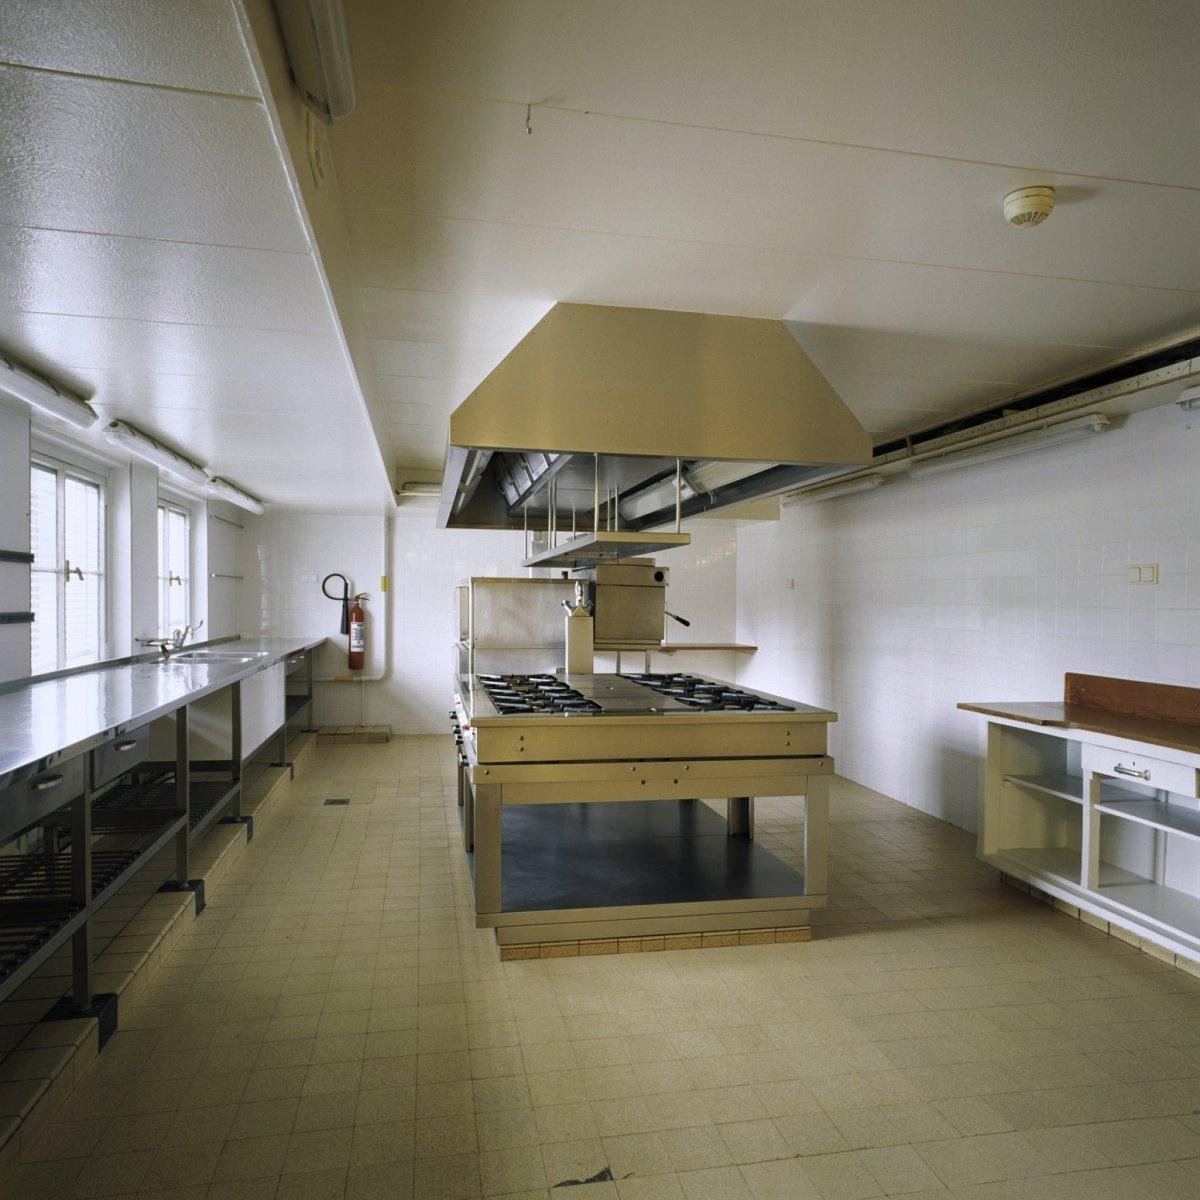 file interieur overzicht van de keuken met kookeiland